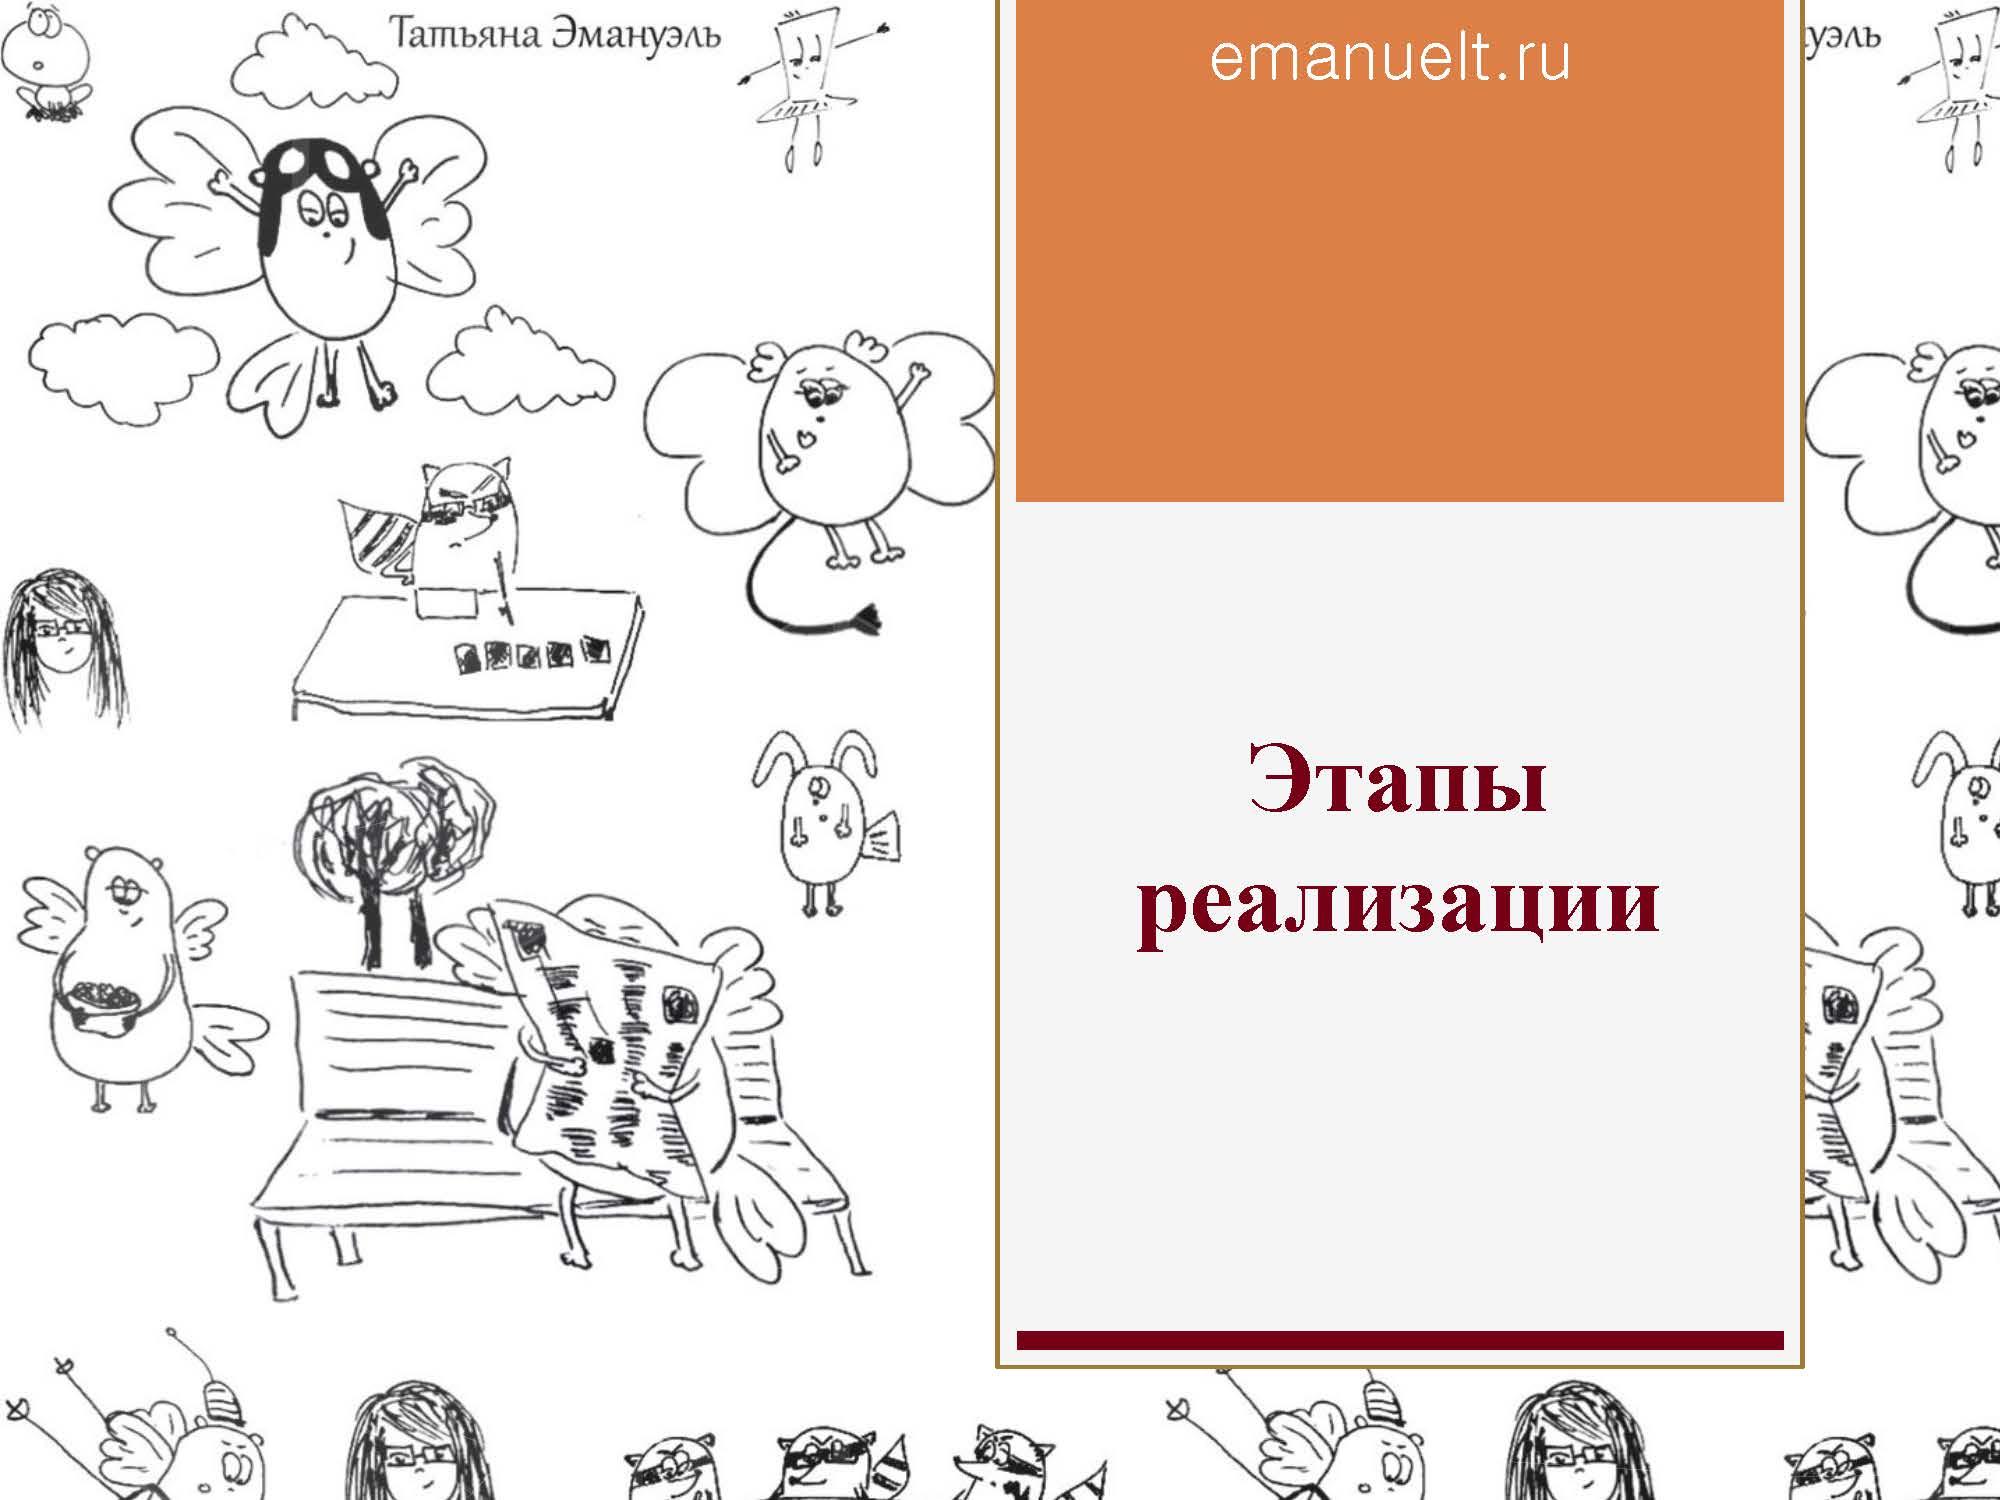 проектный эмануэль_Страница_70